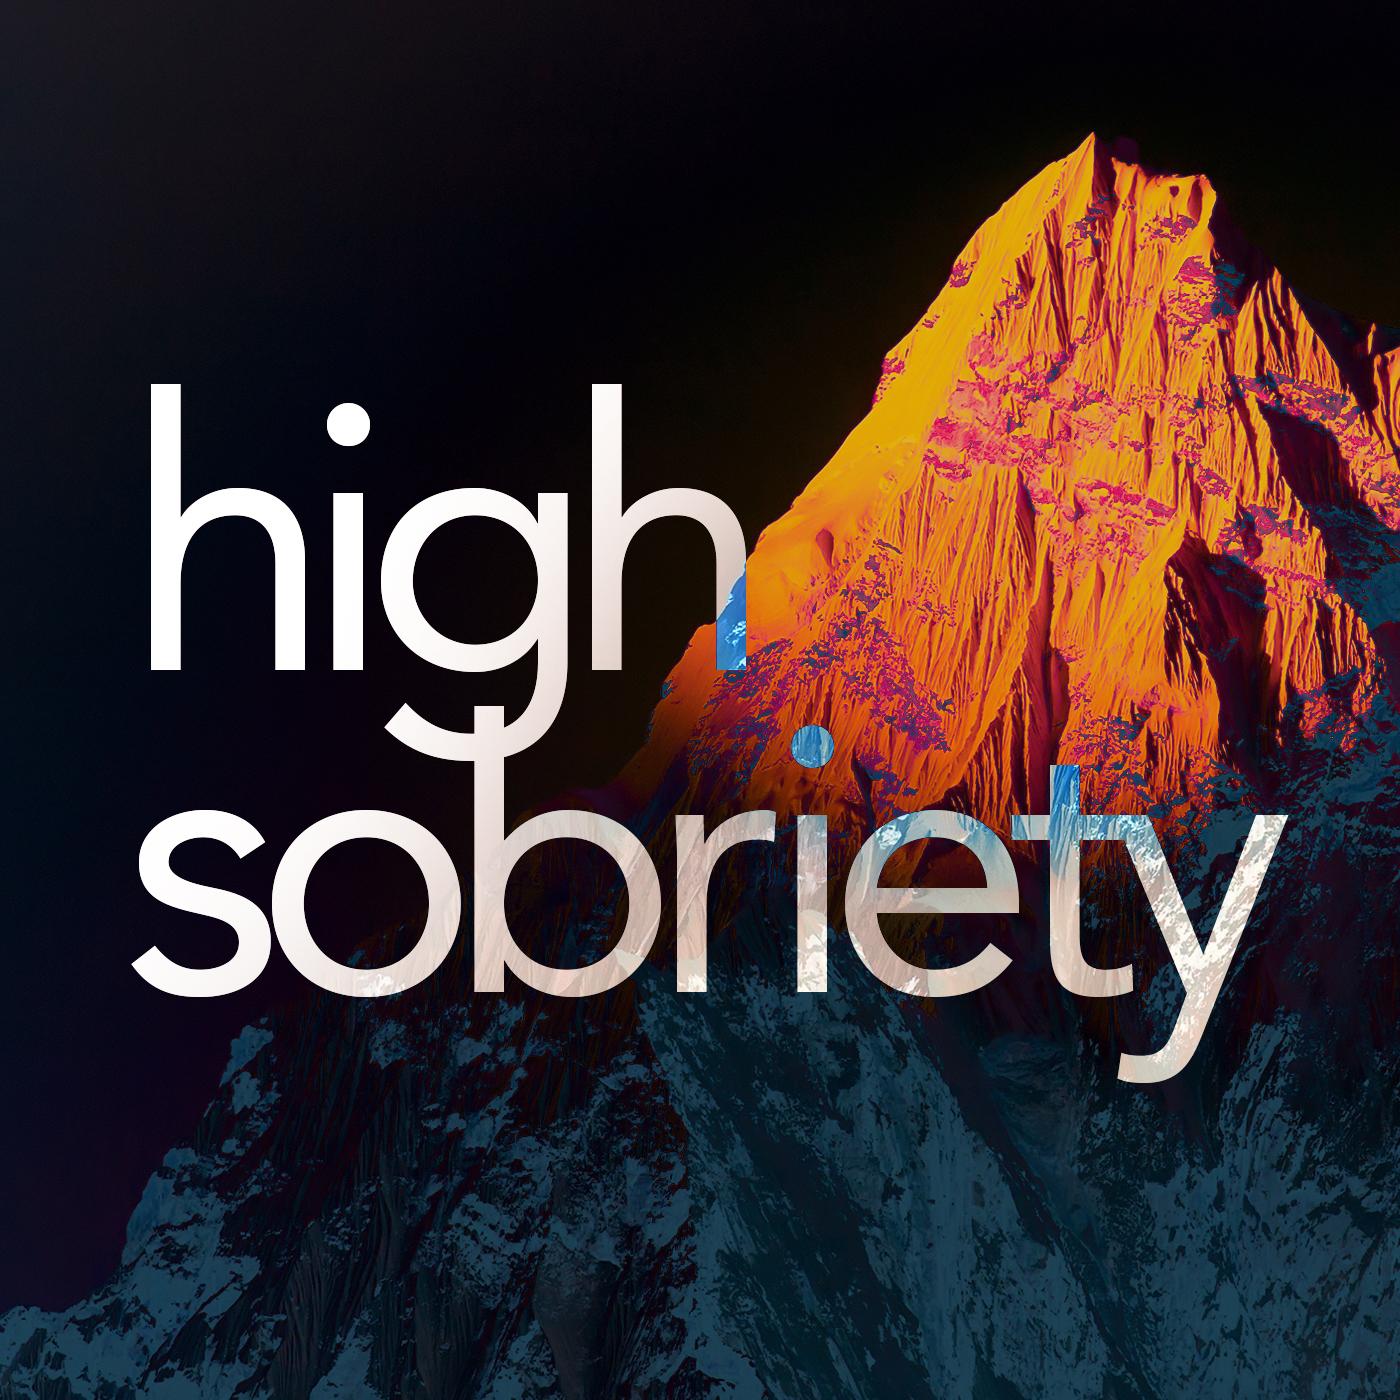 High Sobriety